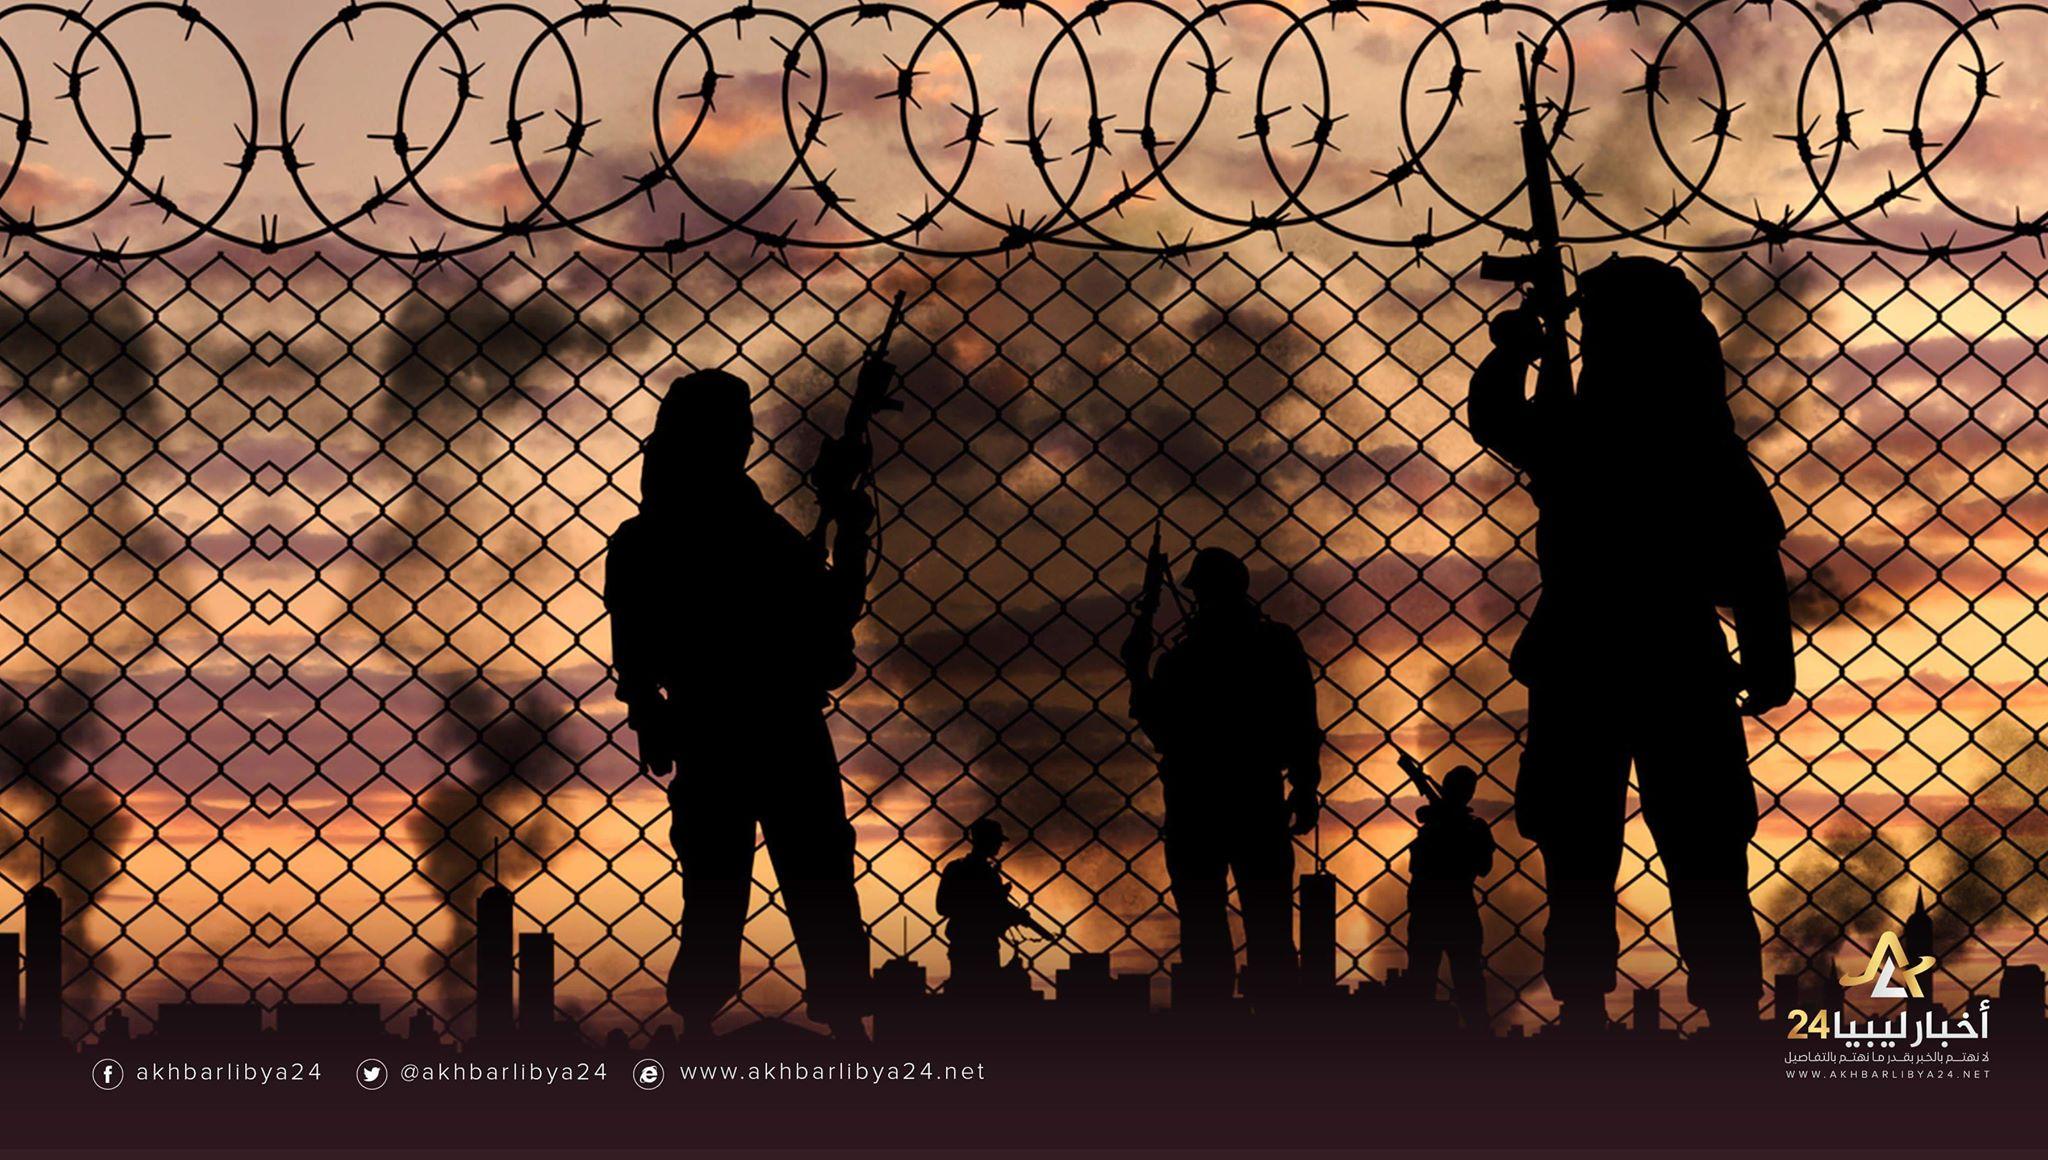 صورة نقل مقاتلين أجانب إلى ليبيا خطرٌ يهدّد دول الجوار